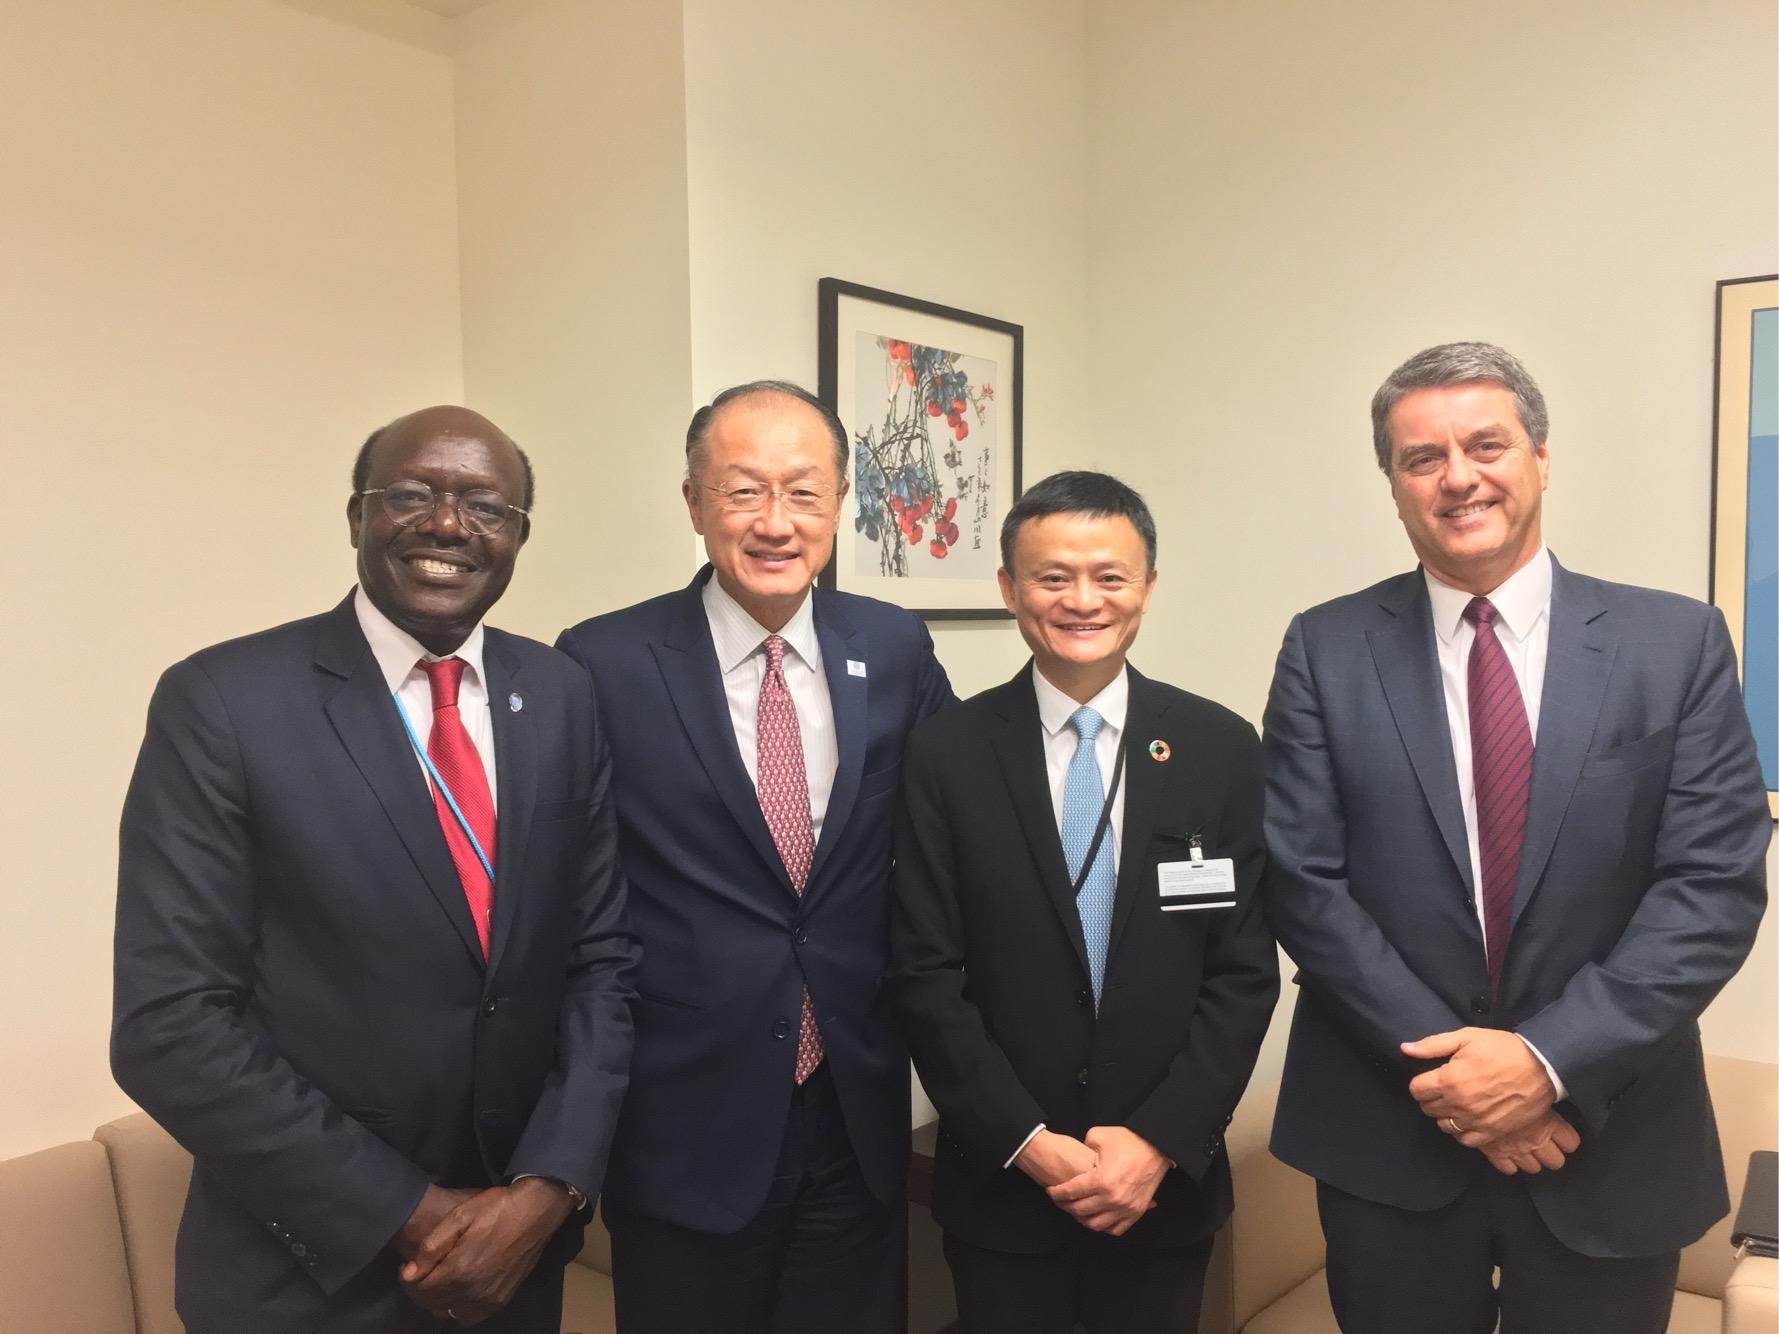 马云受邀出任联合国特别顾问 并获红色特别通行证